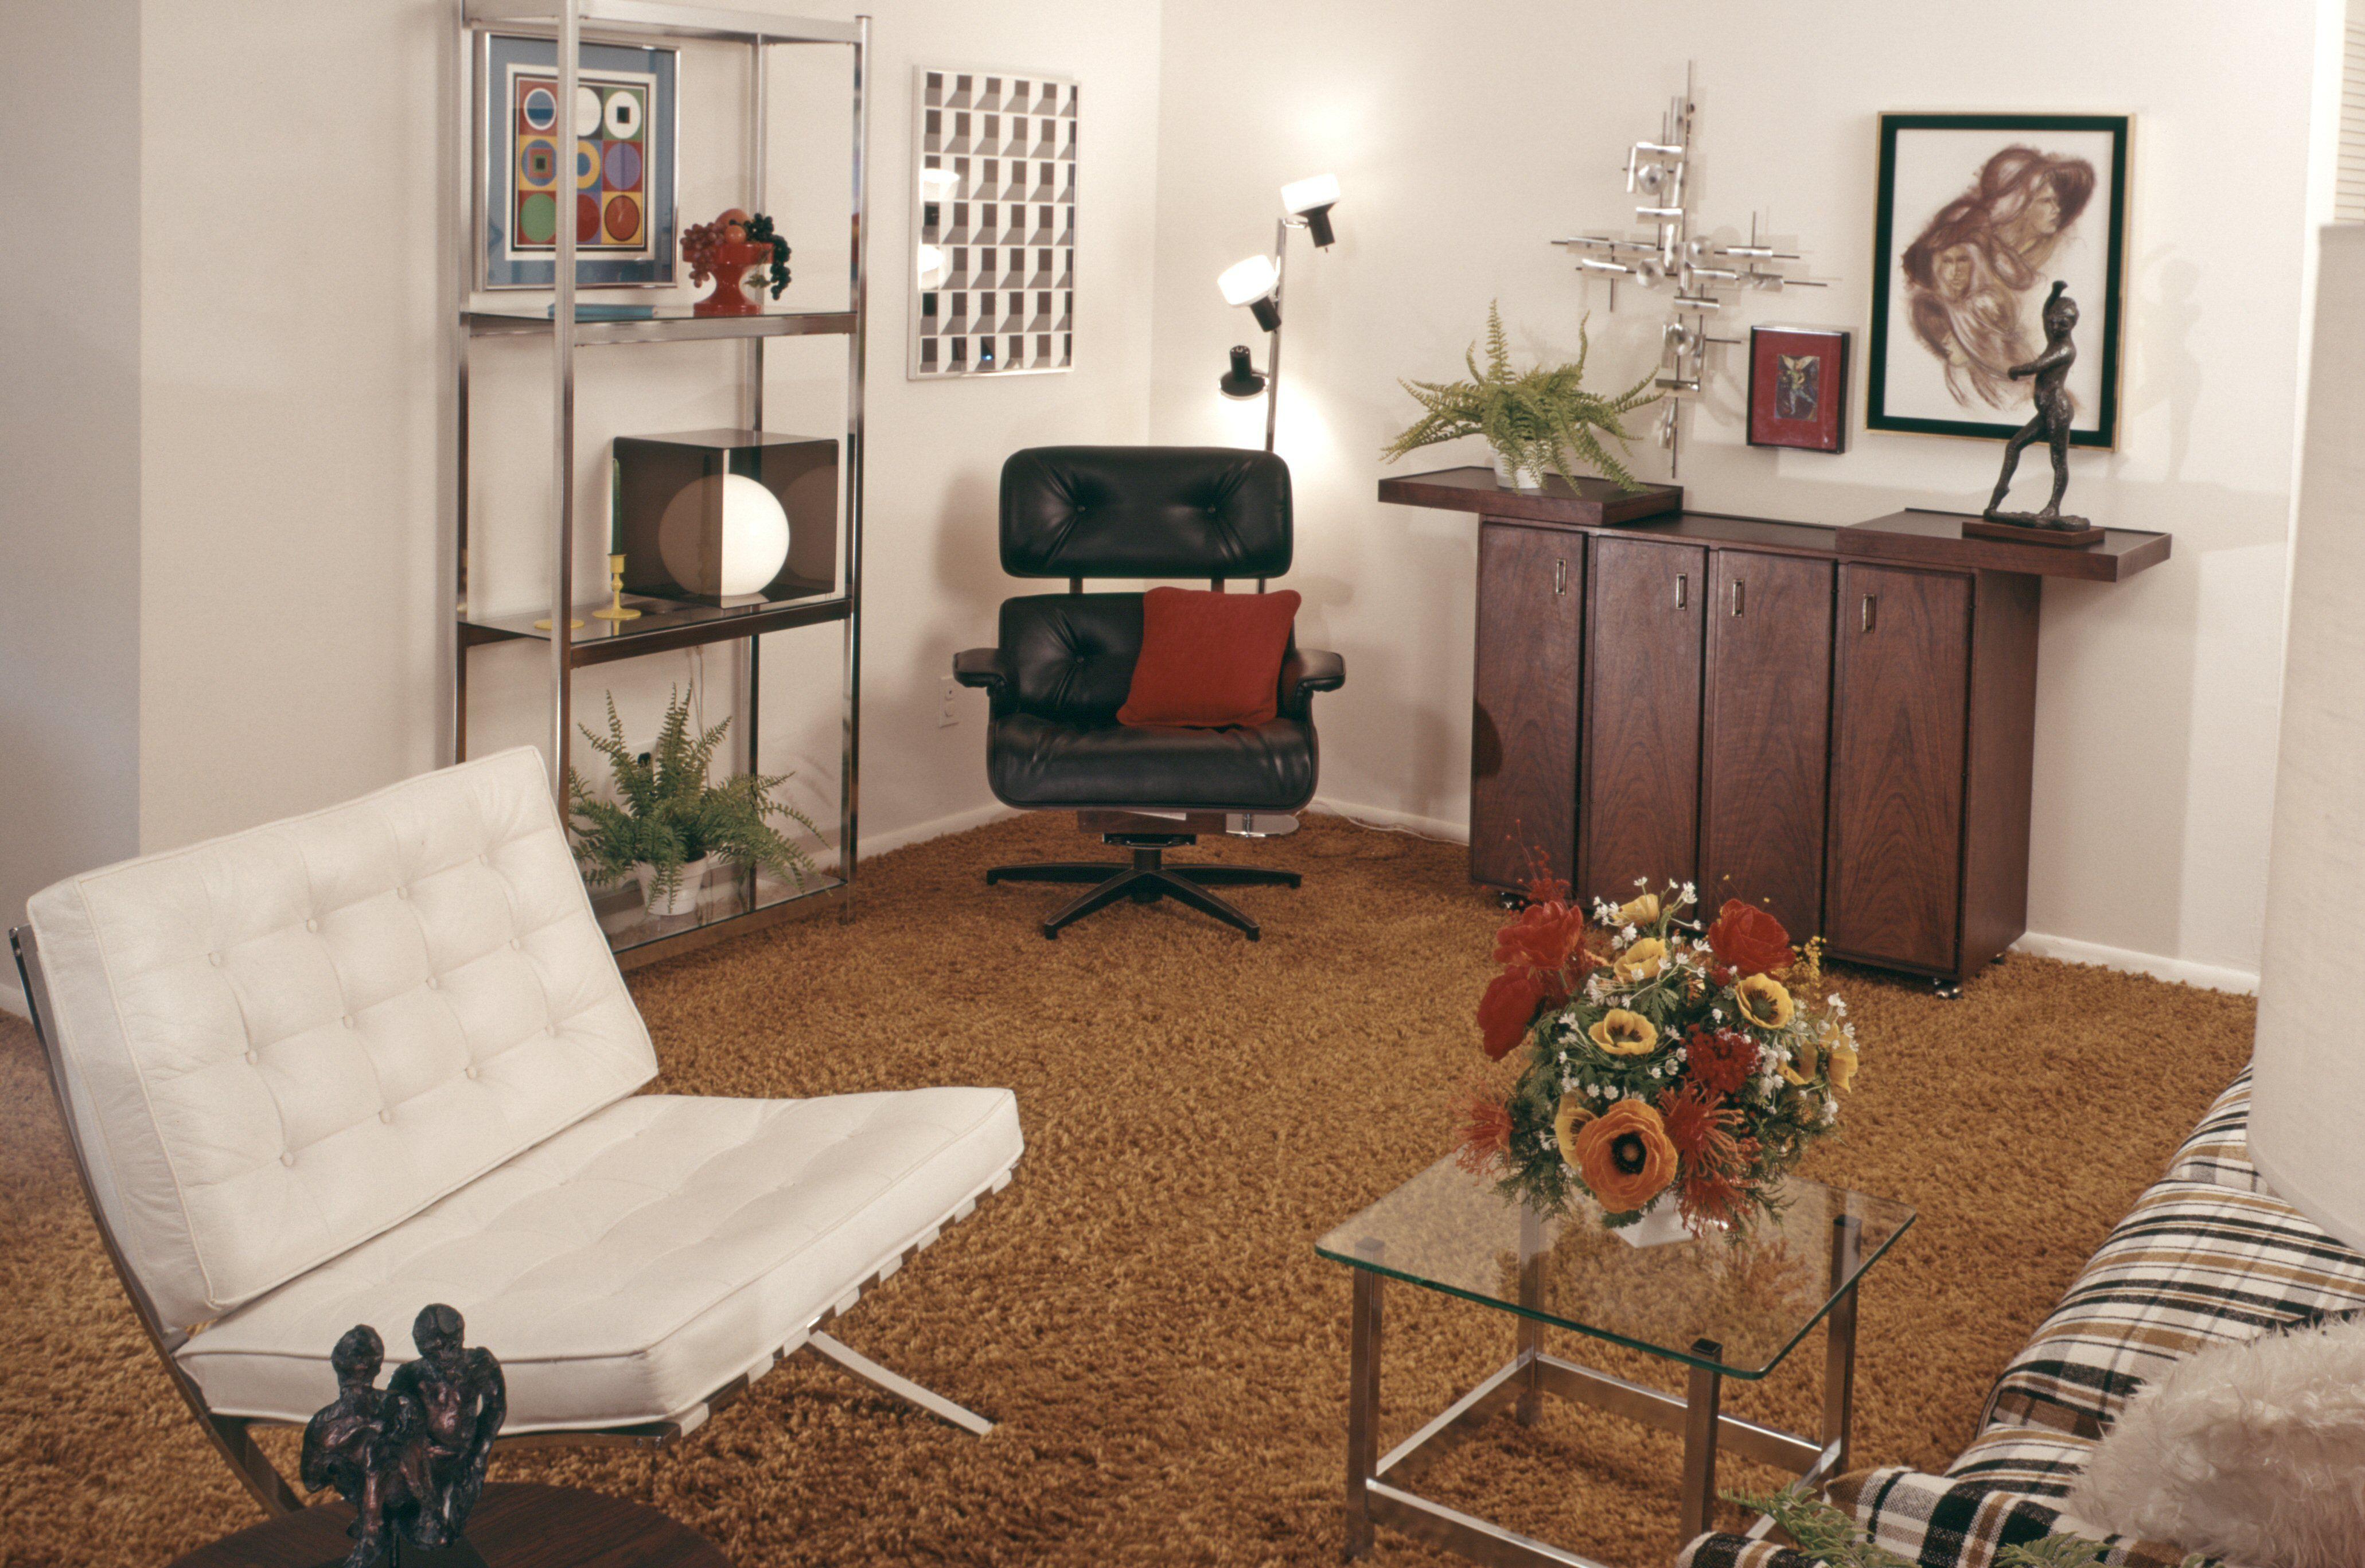 Sedie A Forma Di Sedere Costo sedie - architettura si può sedere su